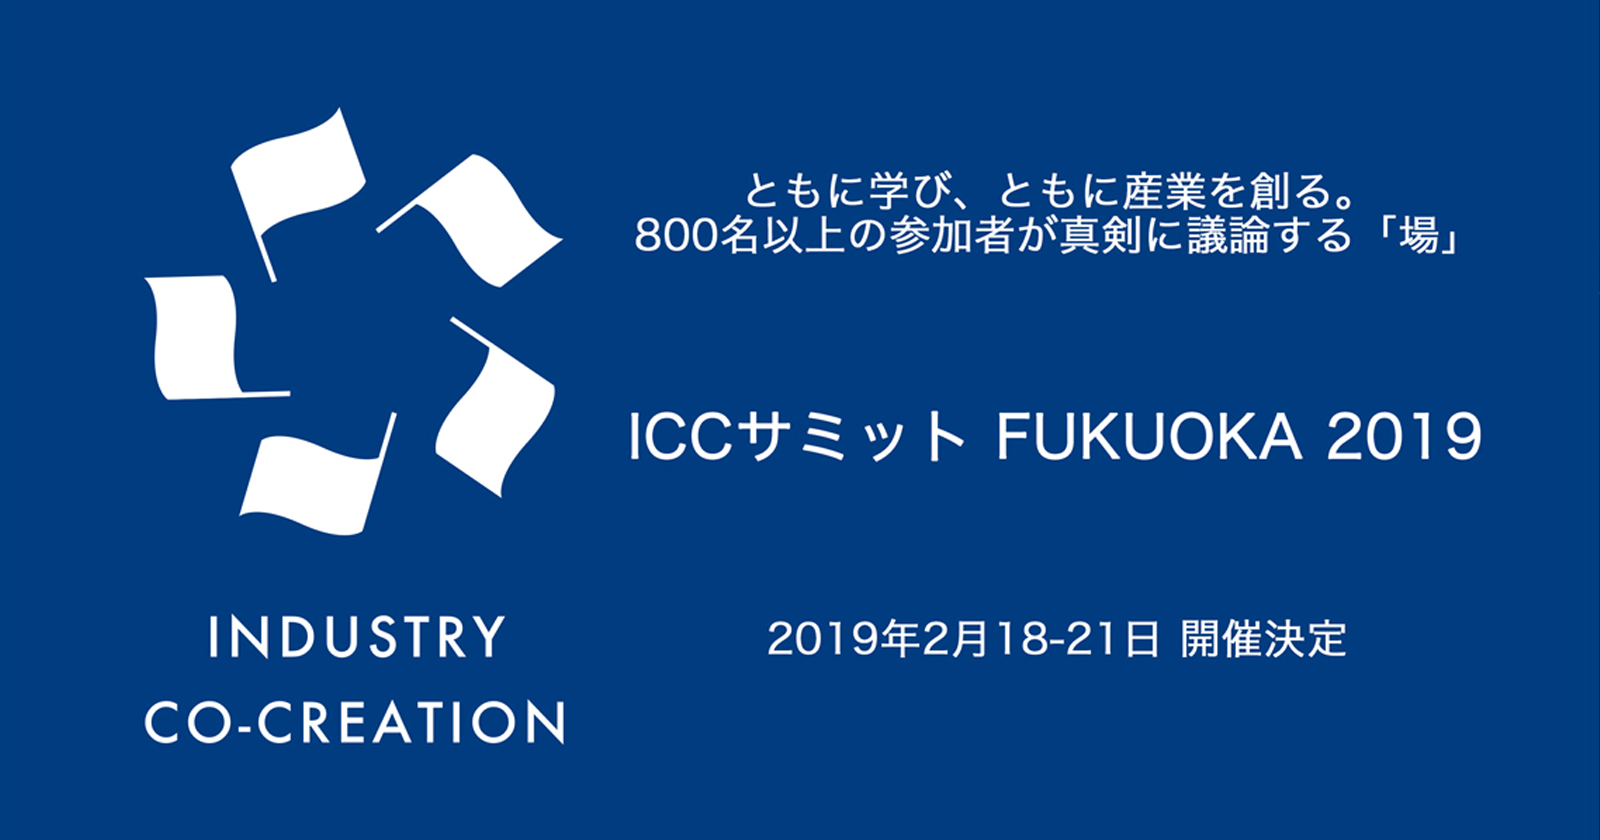 【イベント協賛】『Industry Co-Creation™ (ICC) サミット FUKUOKA 2019』に協賛。